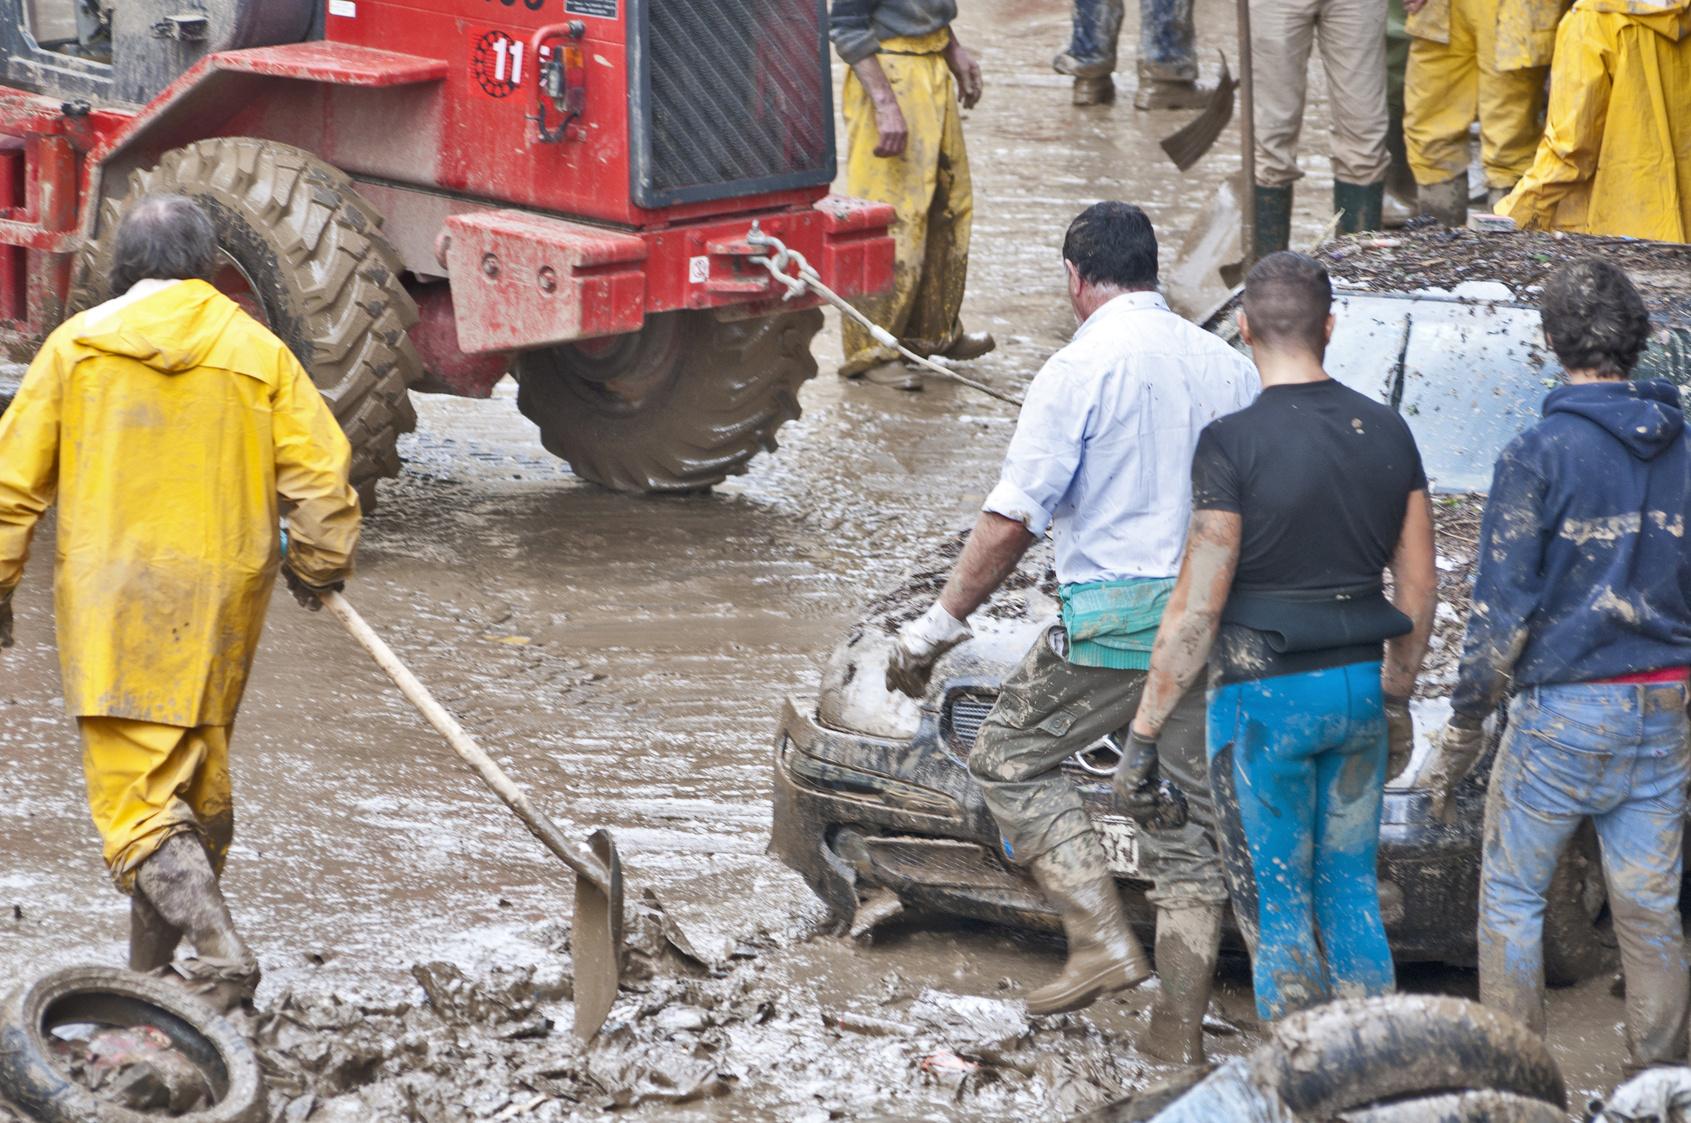 Männer räumen mit Schaufeln und Bagger den Schlamm nach dem Hochwasser weg